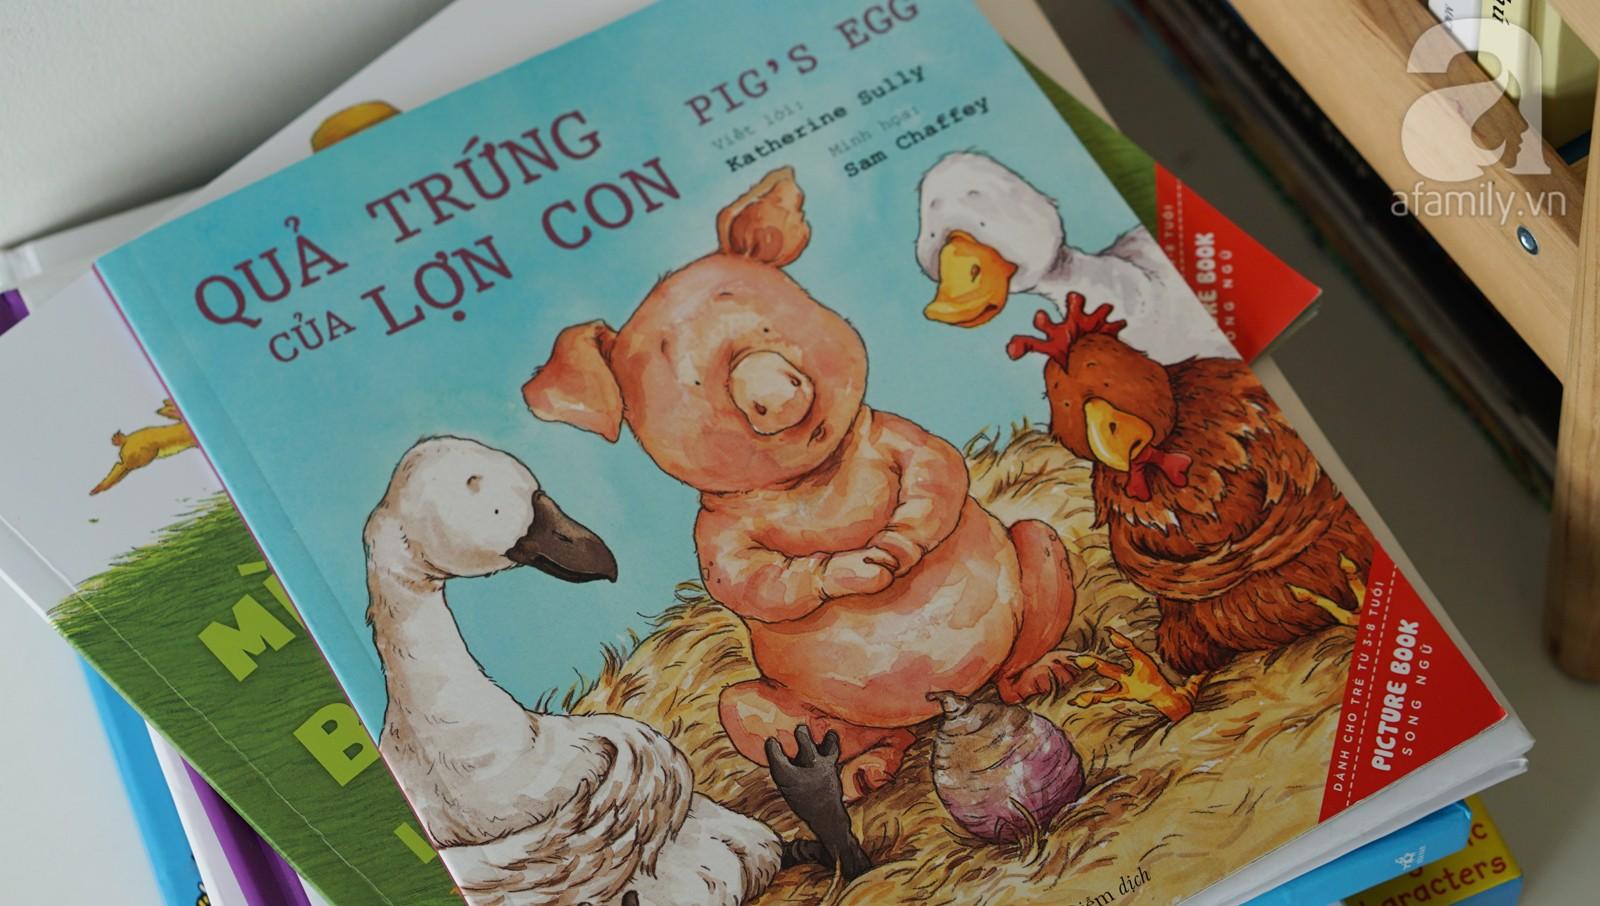 Muốn con học siêu tiếng Anh từ nhỏ, bố mẹ không thể bỏ qua những cuốn sách song ngữ này! - Ảnh 15.